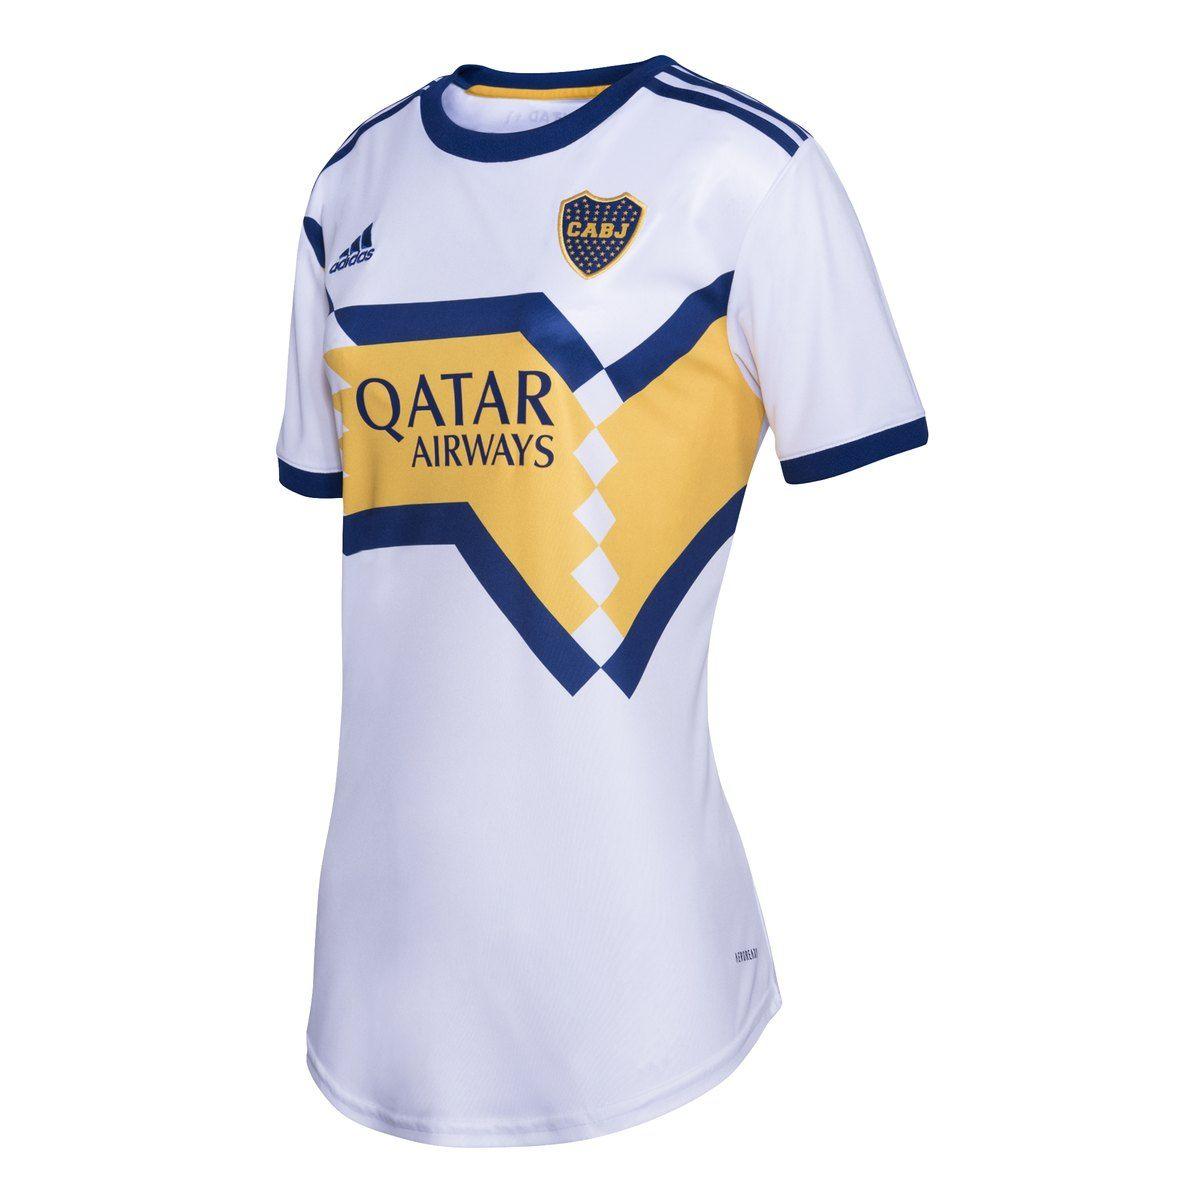 CAMISETA BOCA JUNIORS AWAY MUJER adidas en 2020 | Camiseta ...